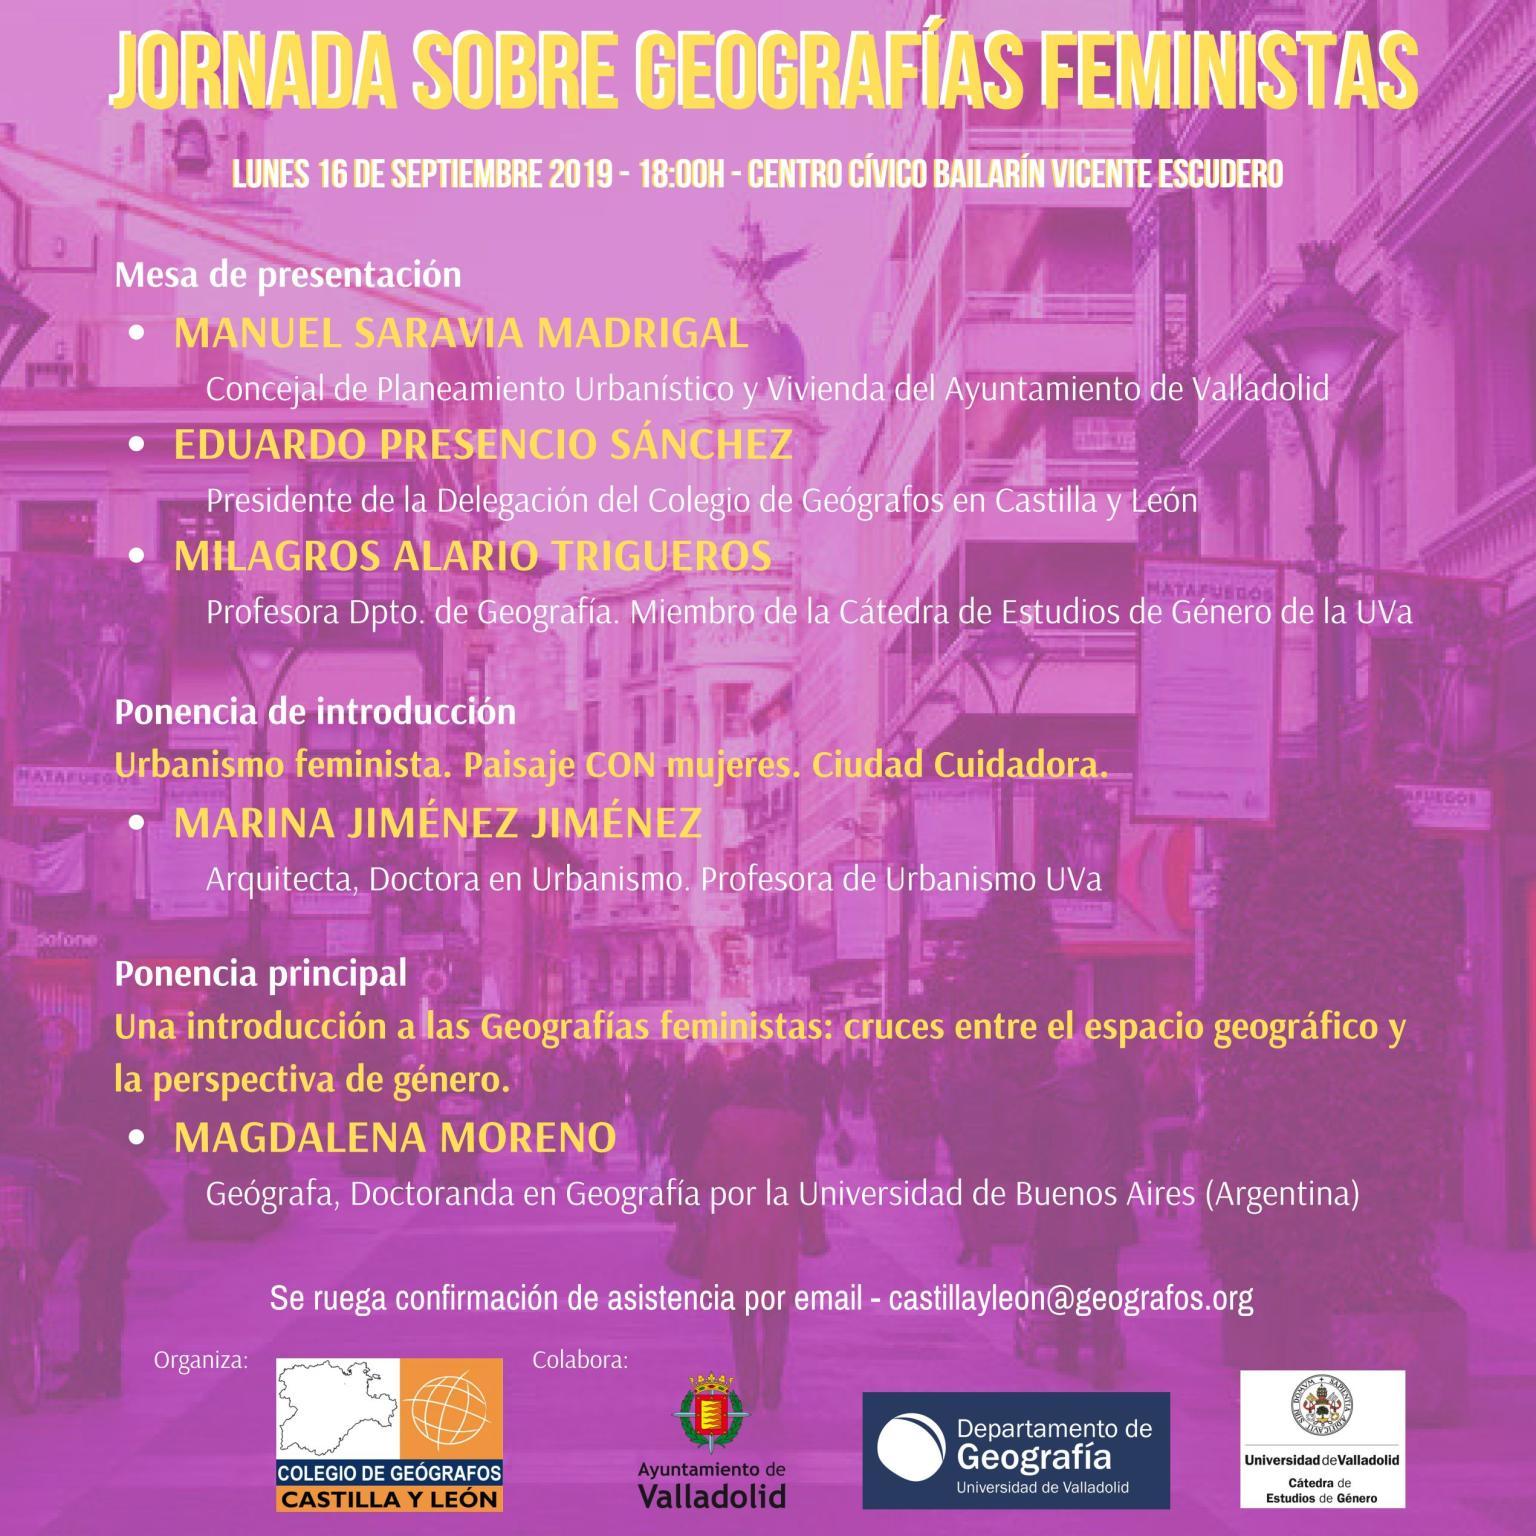 Jornada sobre Geografías Feministas